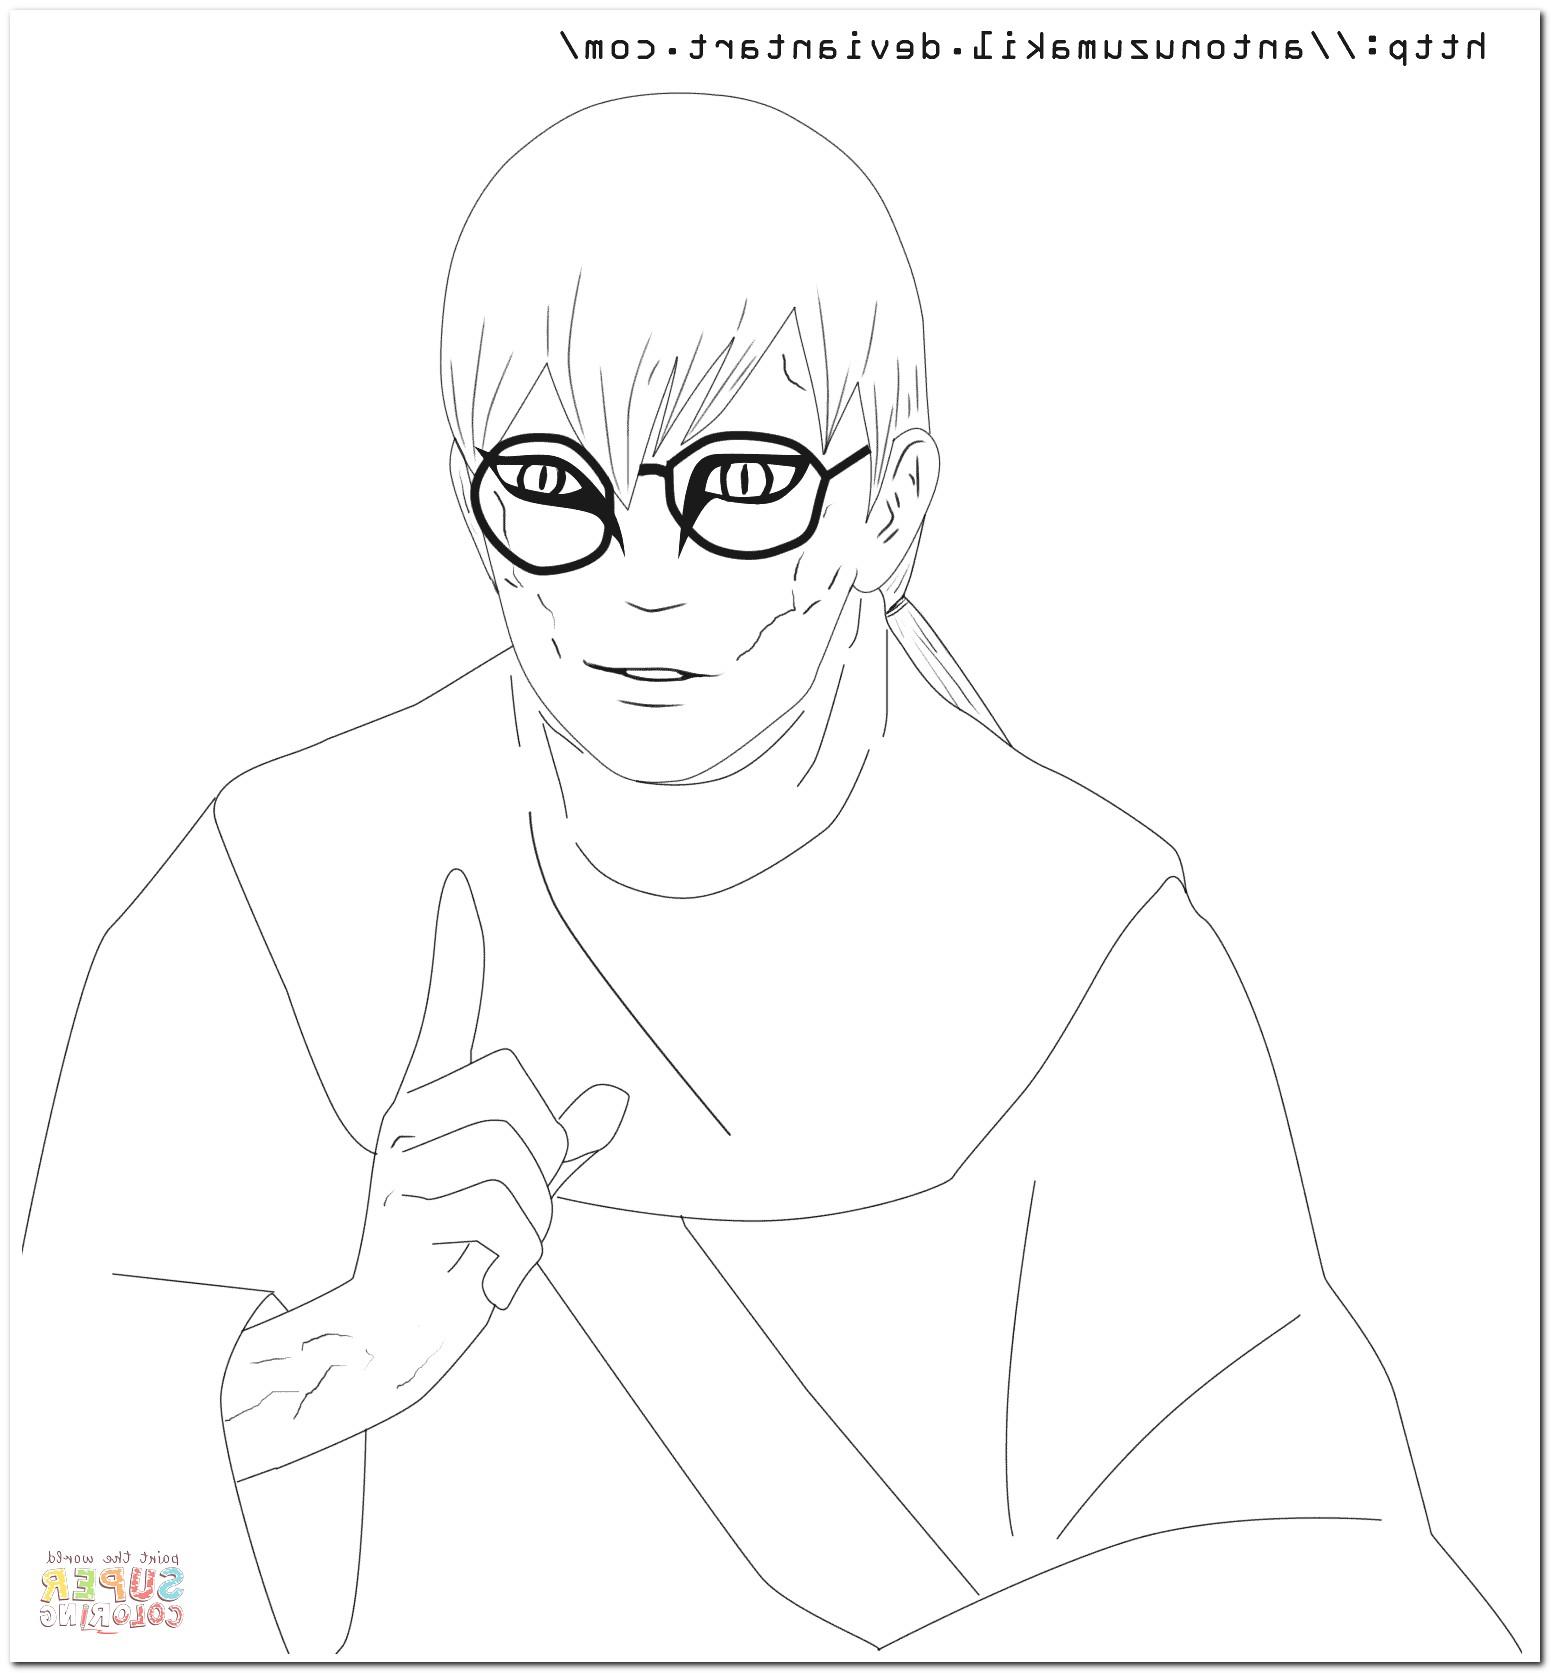 Hinh-to-mau-anime-dep-nhat (48)